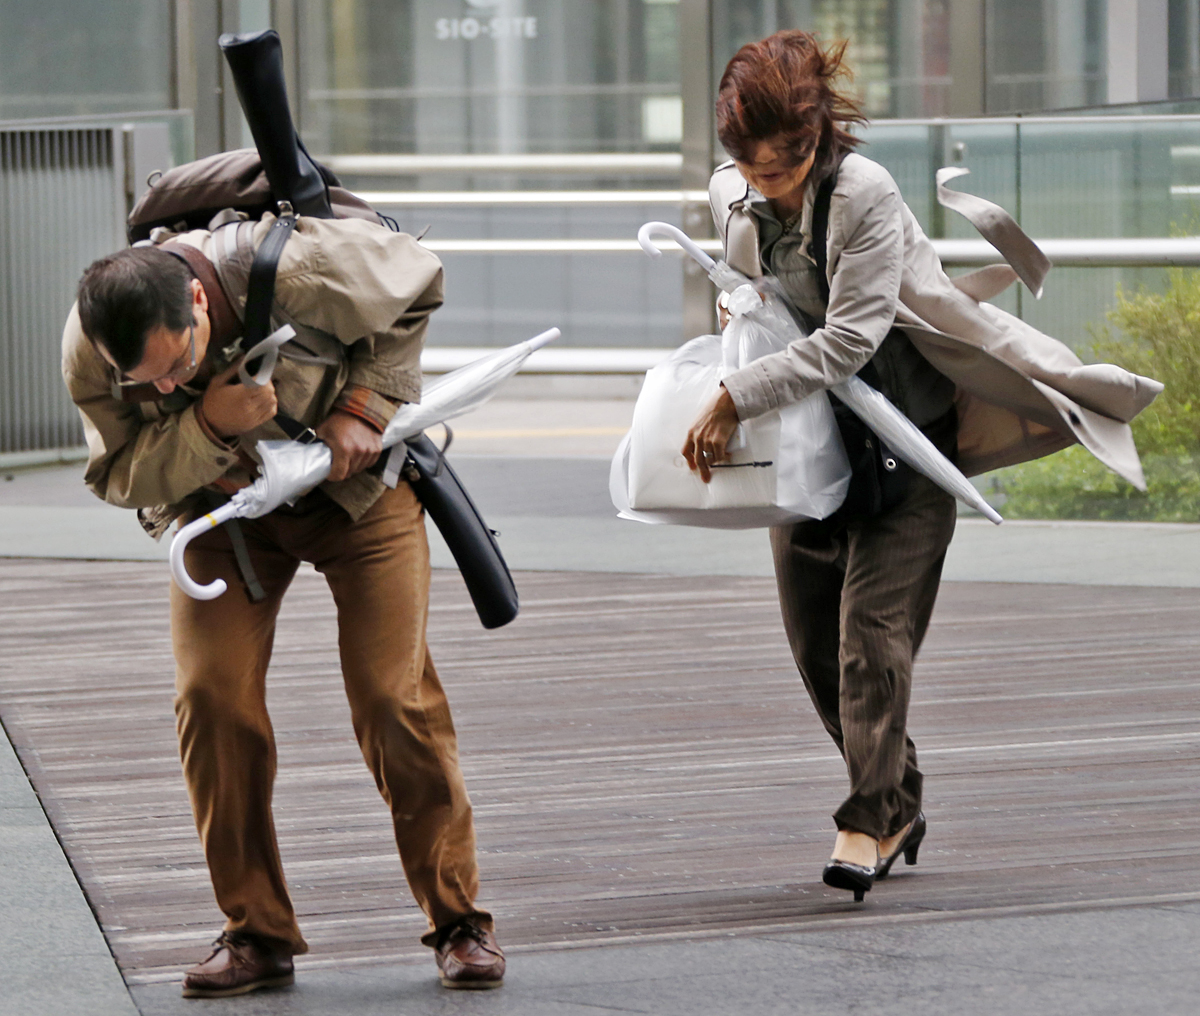 Срывание на одежды улице